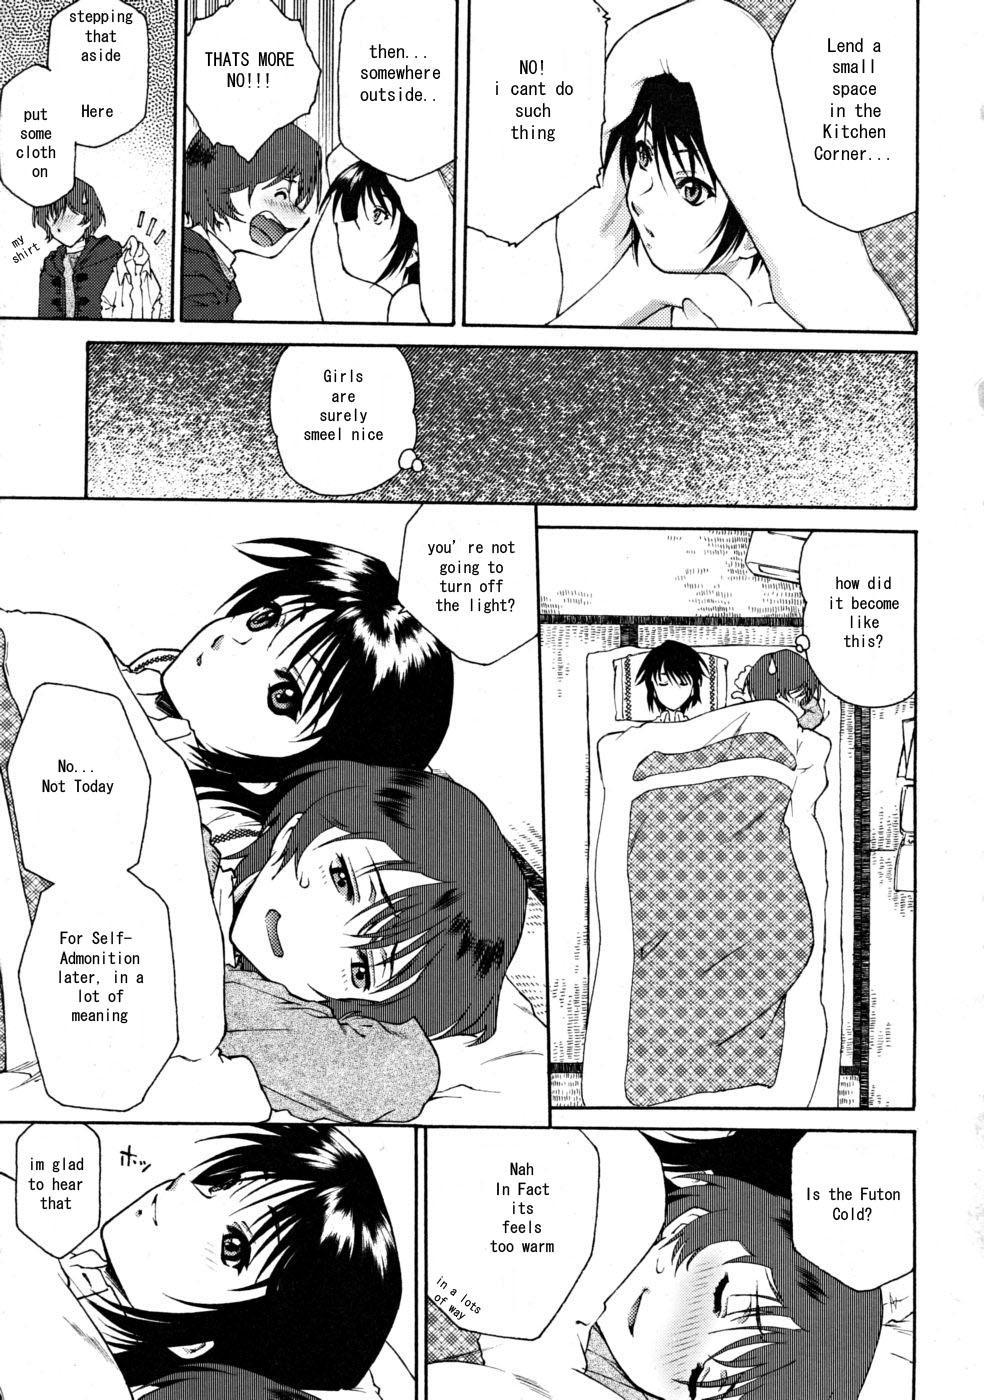 Umashika - FFF Chapter 01 6